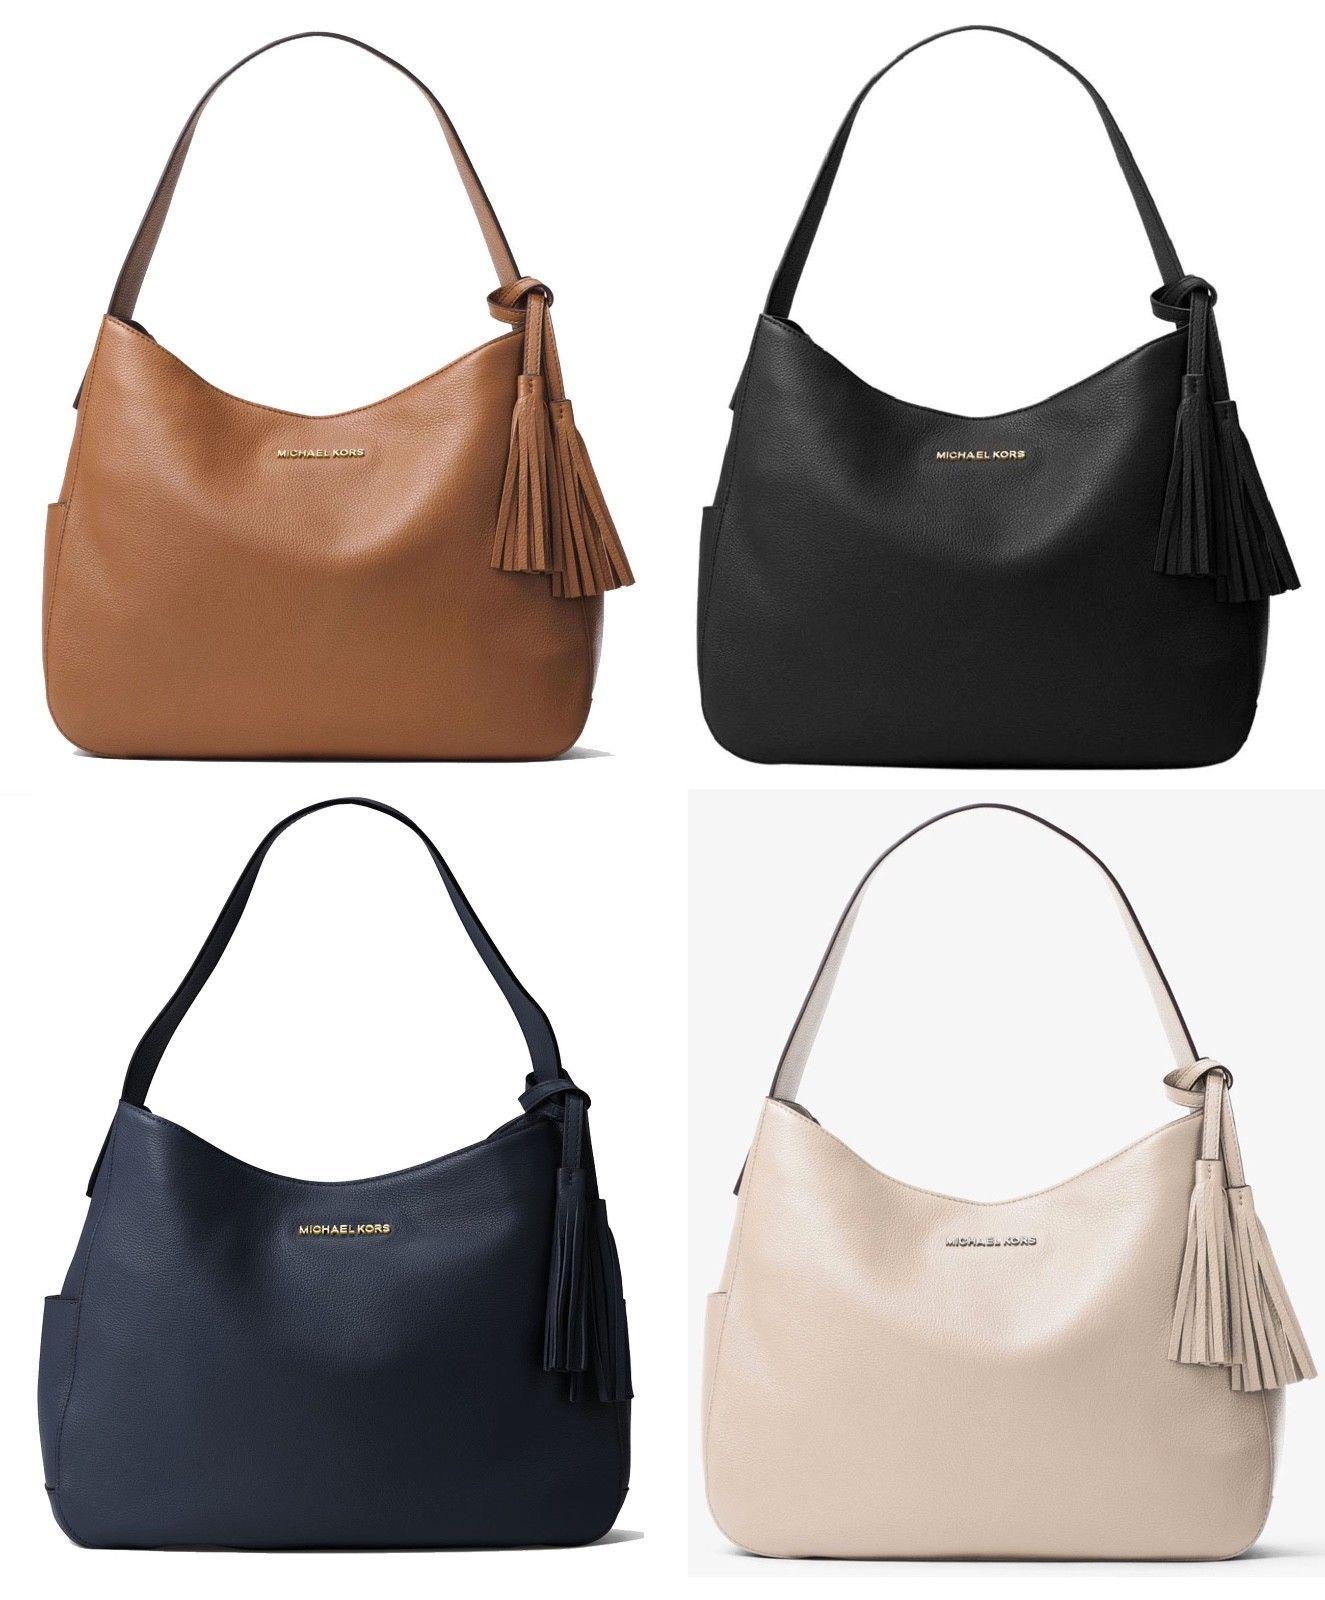 f23224bea6f6 Michael Kors Ashbury Ultra Soft Leather Shoulder bag | Designer ...